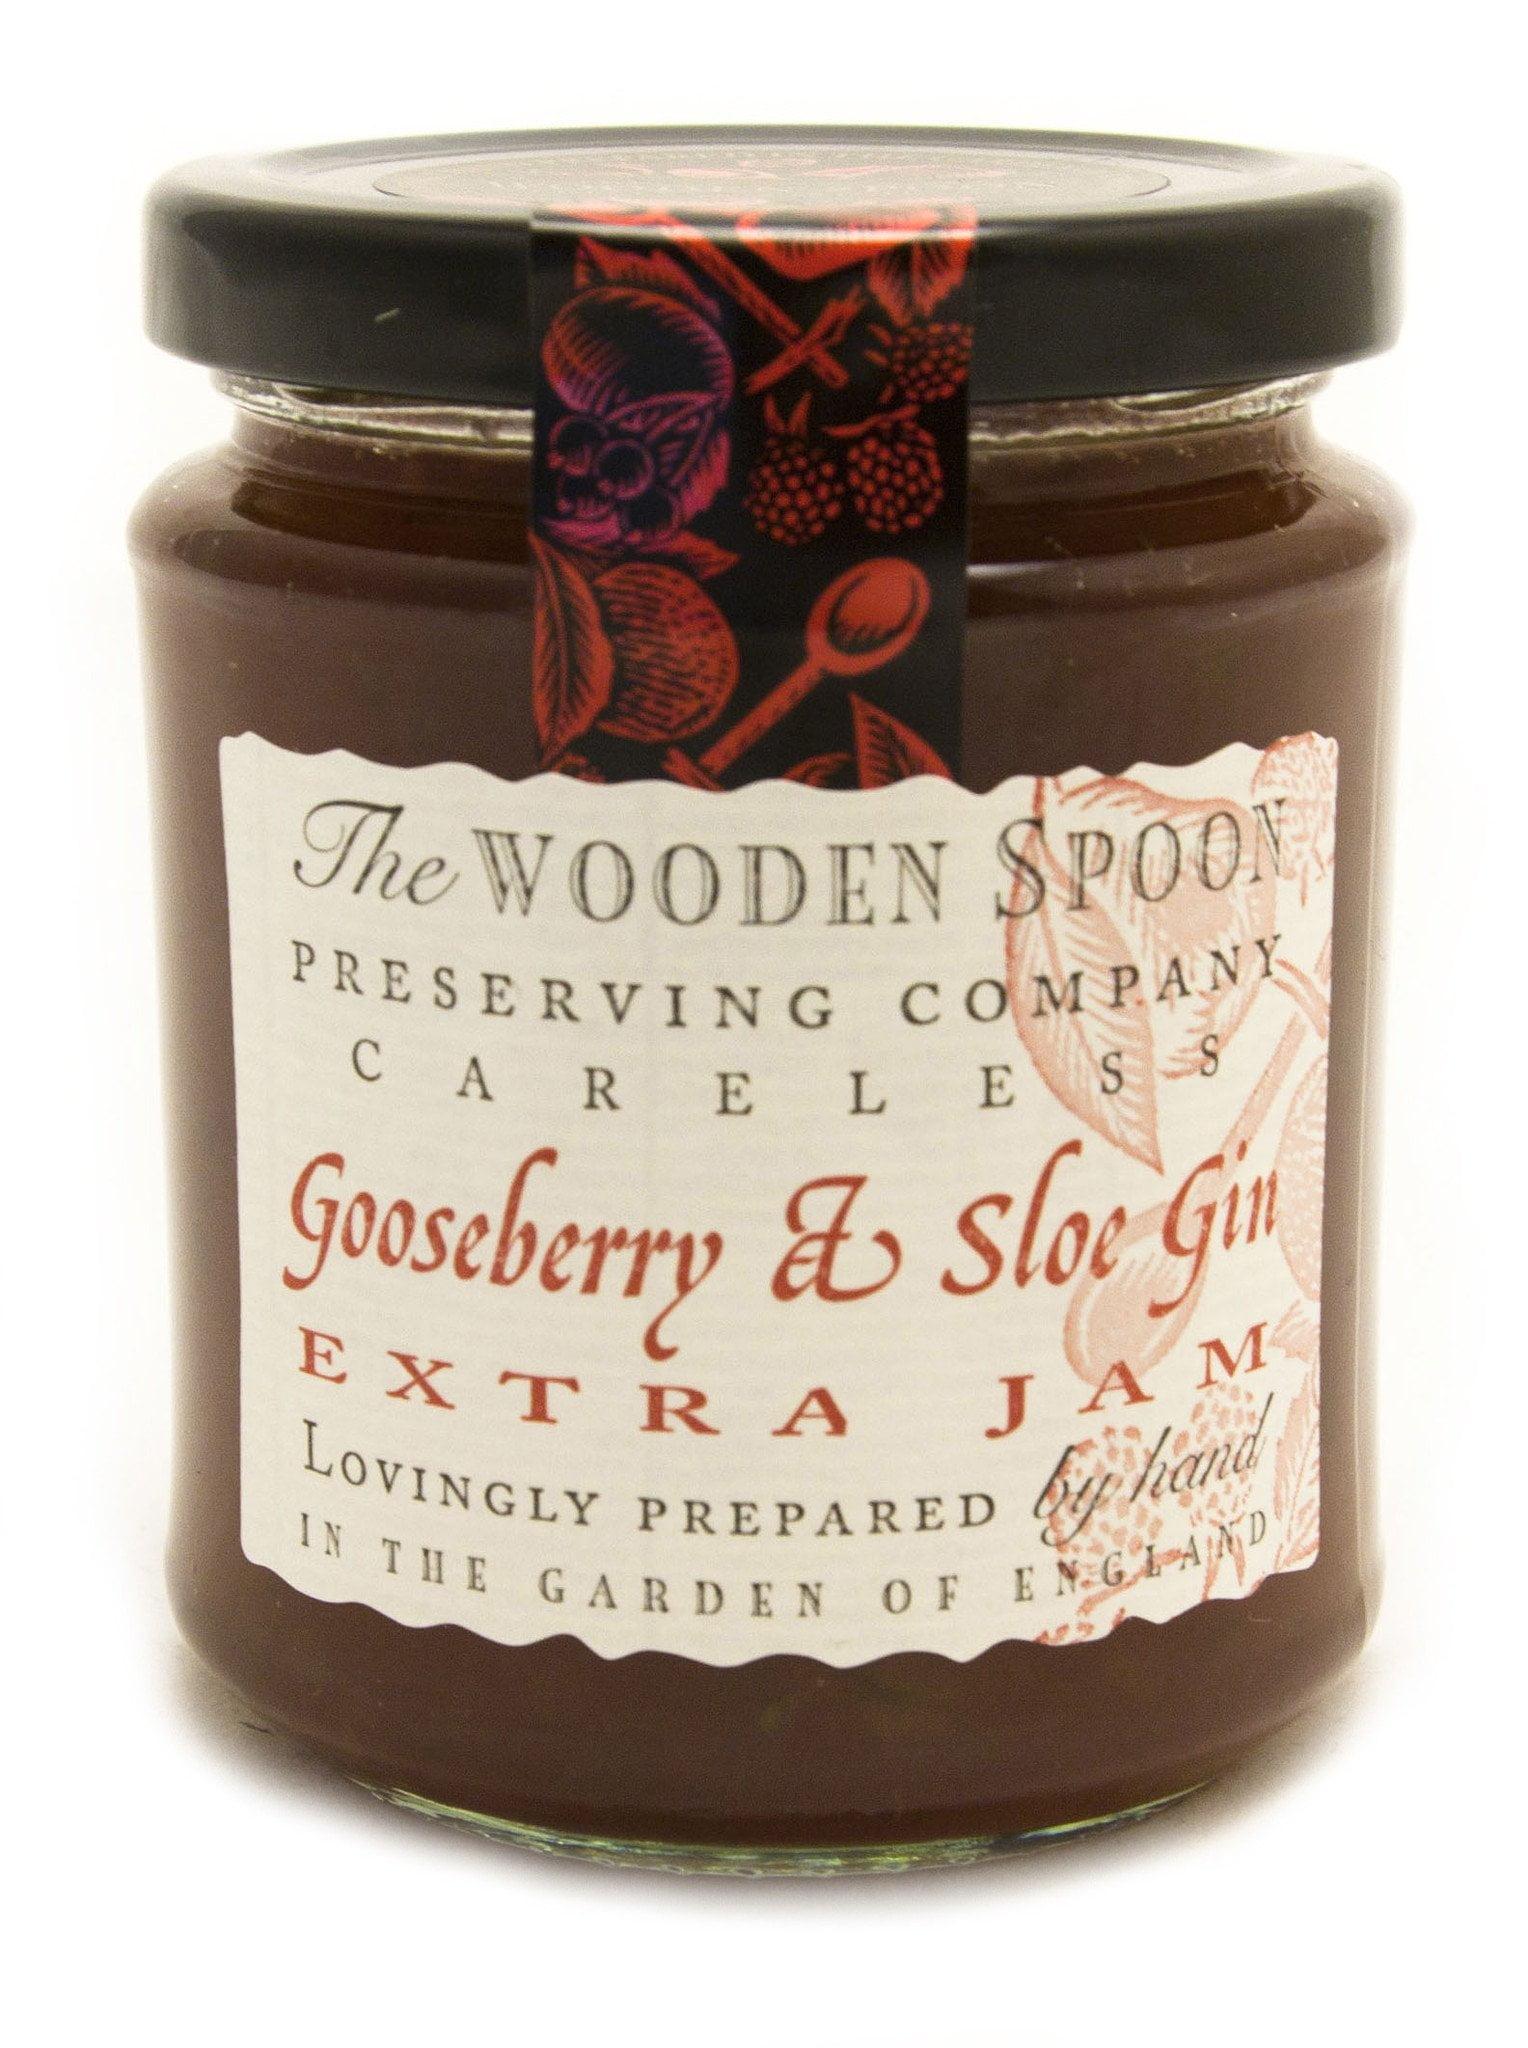 Careless - Gooseberry & Sloe Gin